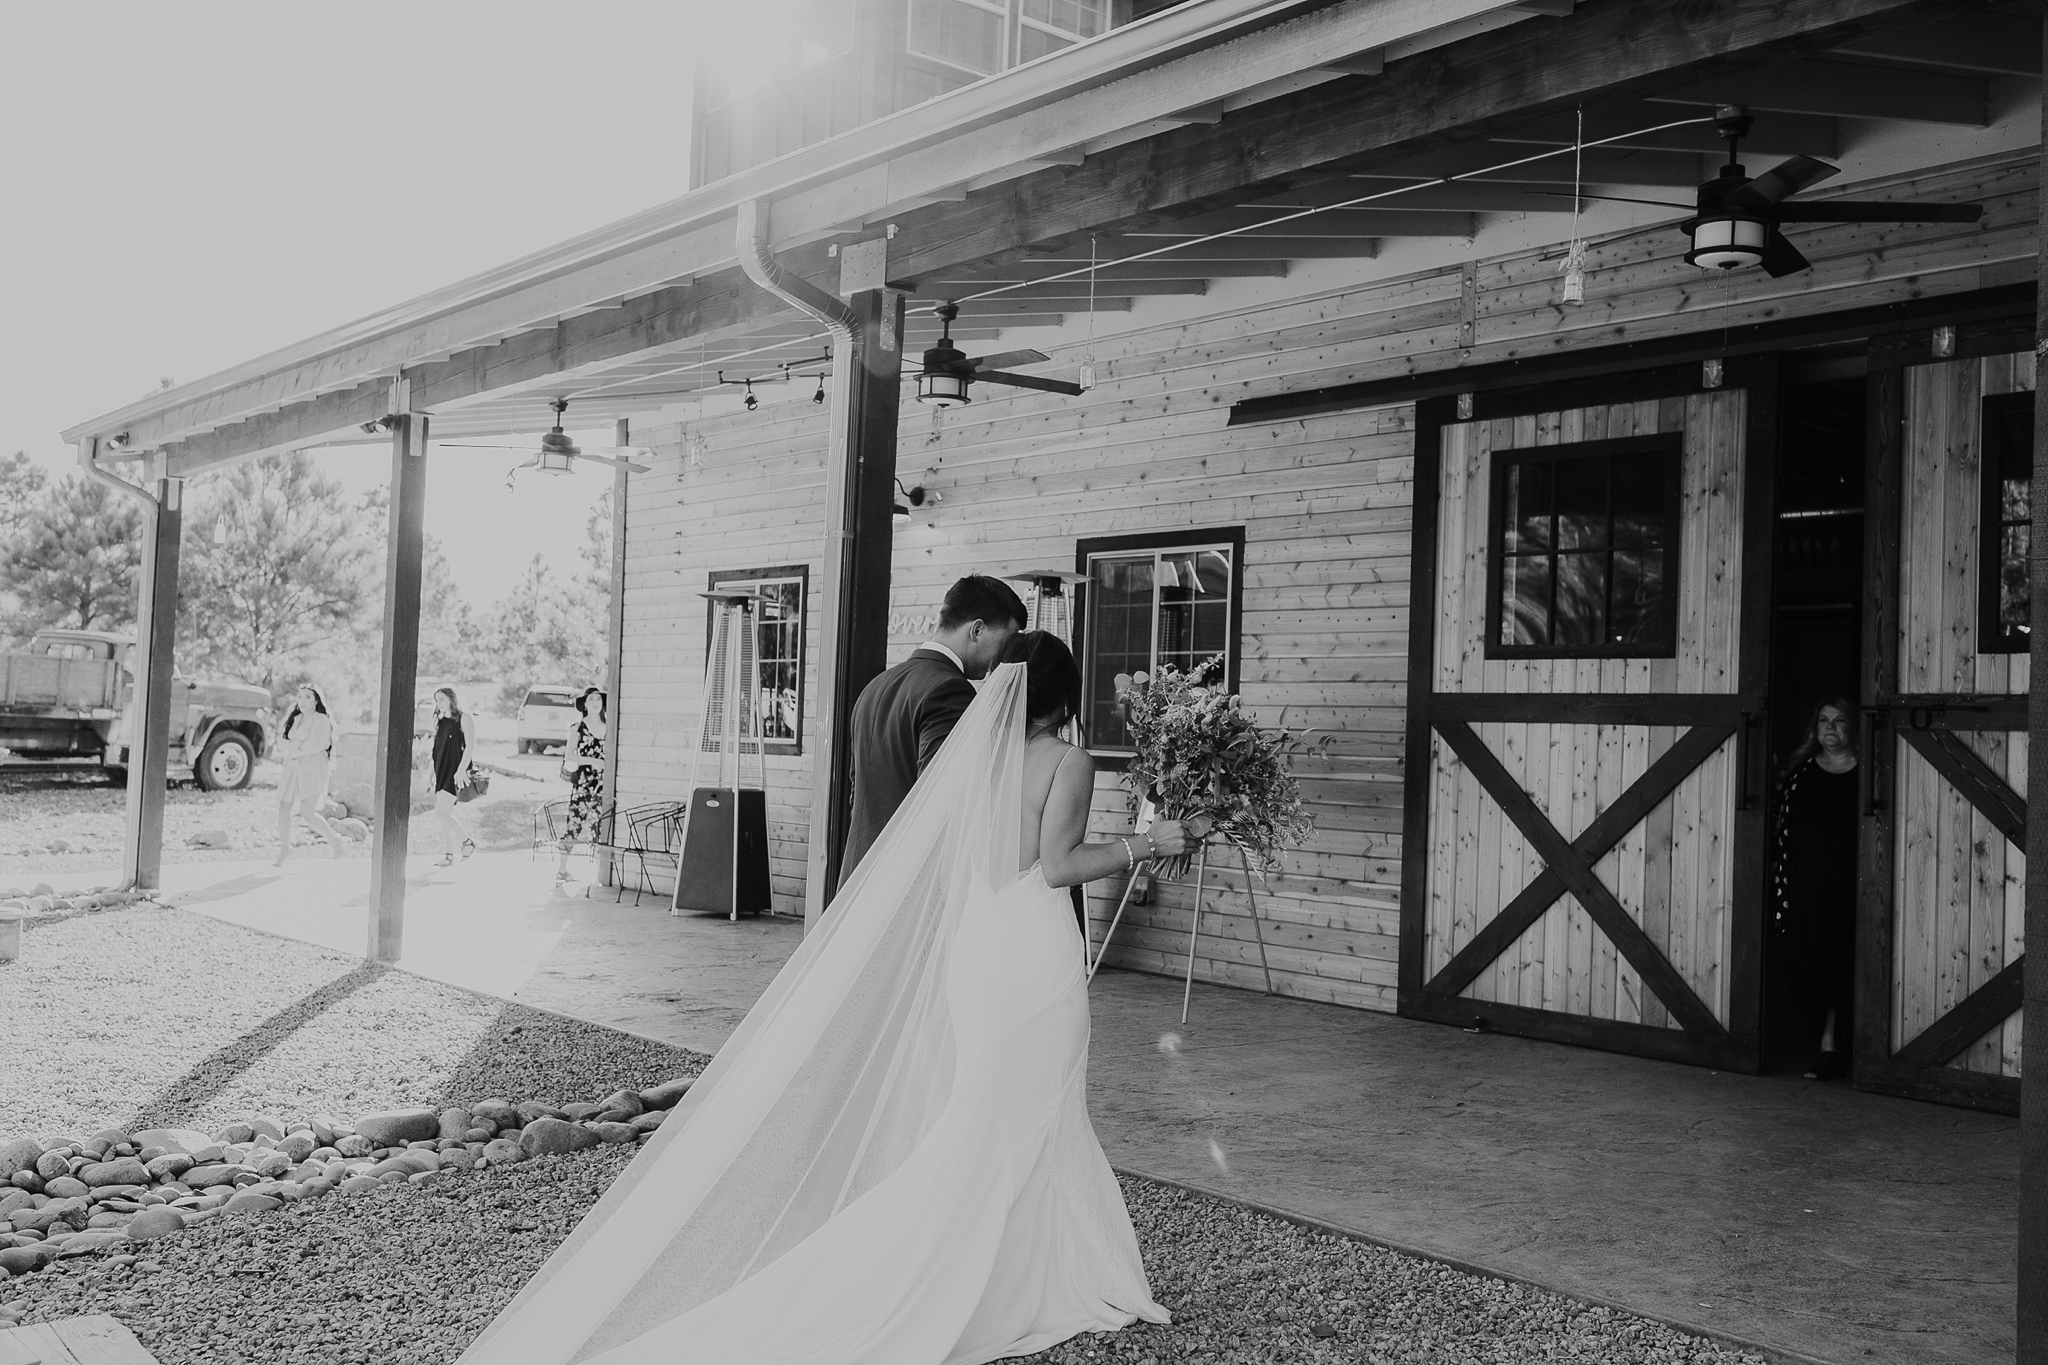 Alicia+lucia+photography+-+albuquerque+wedding+photographer+-+santa+fe+wedding+photography+-+new+mexico+wedding+photographer+-+new+mexico+wedding+-+new+mexico+wedding+-+barn+wedding+-+enchanted+vine+barn+wedding+-+ruidoso+wedding_0112.jpg